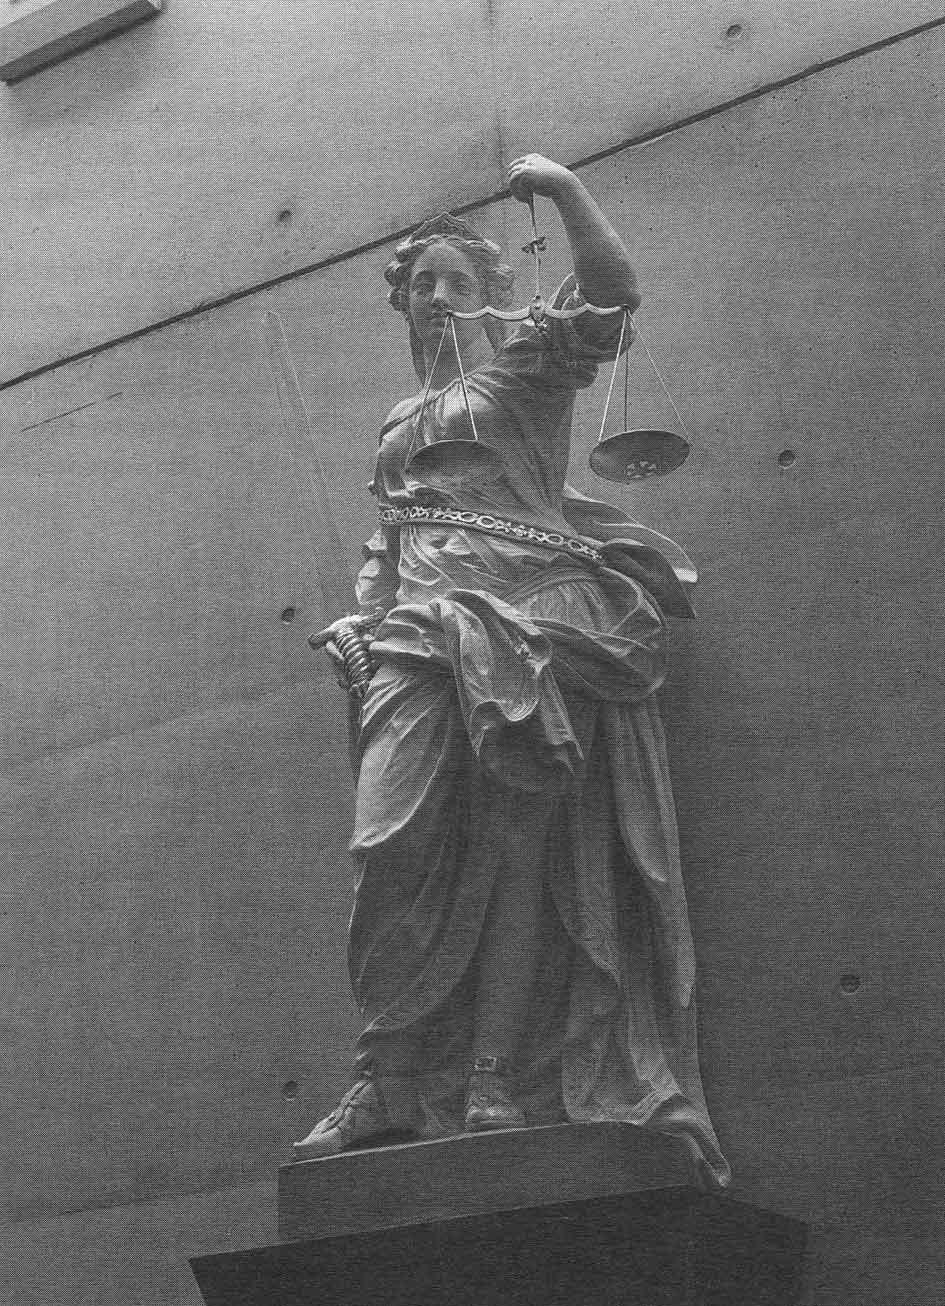 vrouwe justitia weegschaal